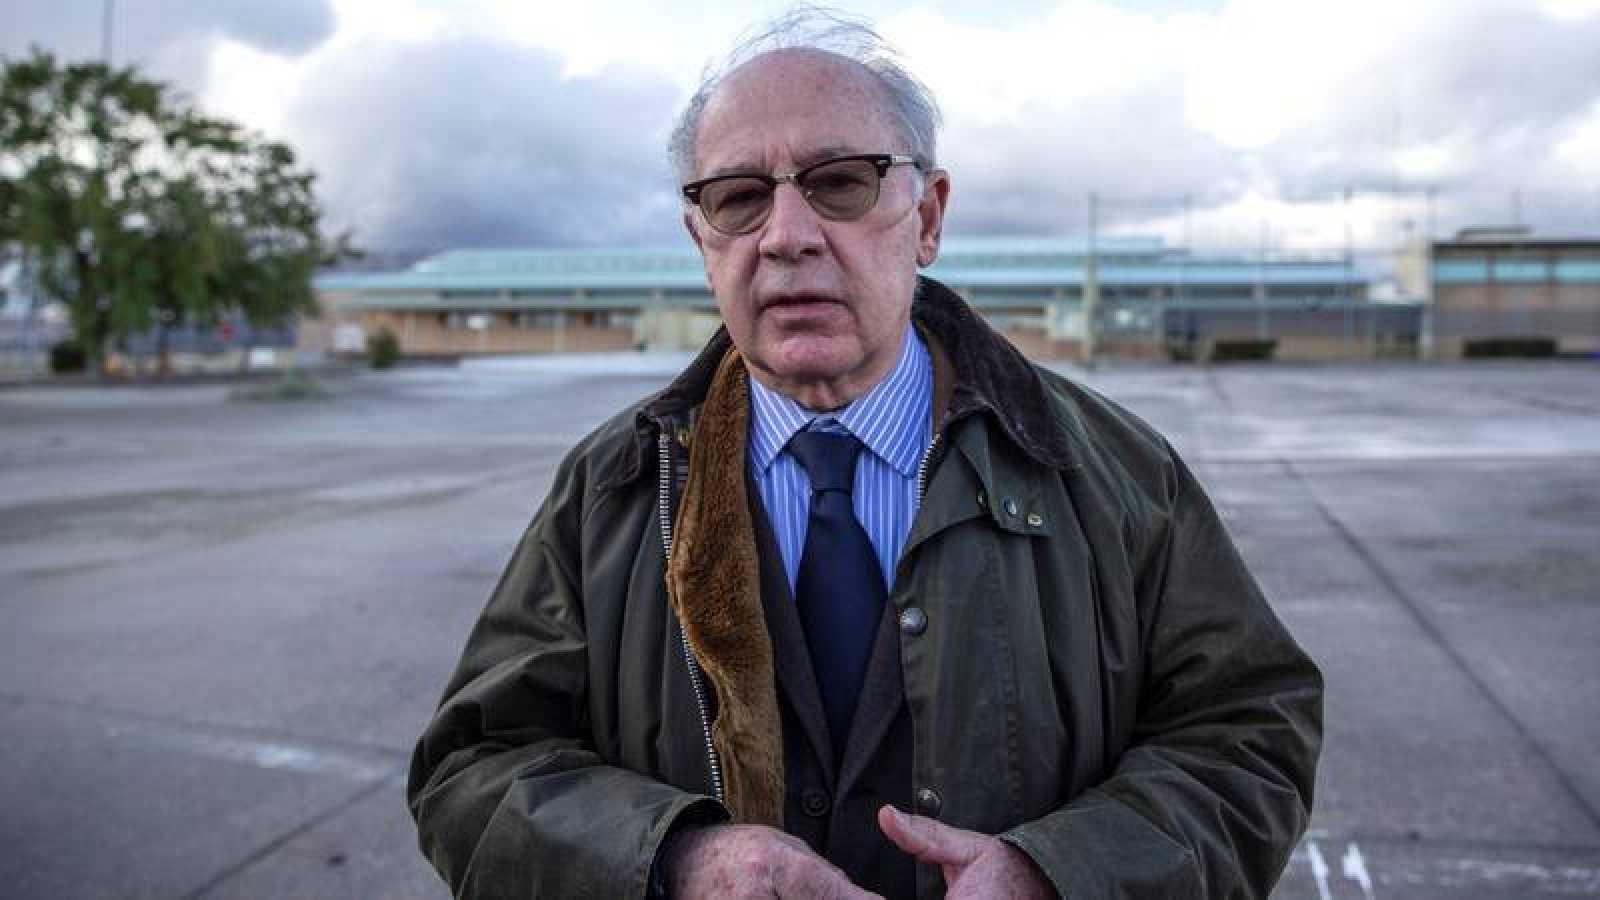 El juez procesa a Rato por presunta corrupción, blanqueo de capitales y elusión fiscal